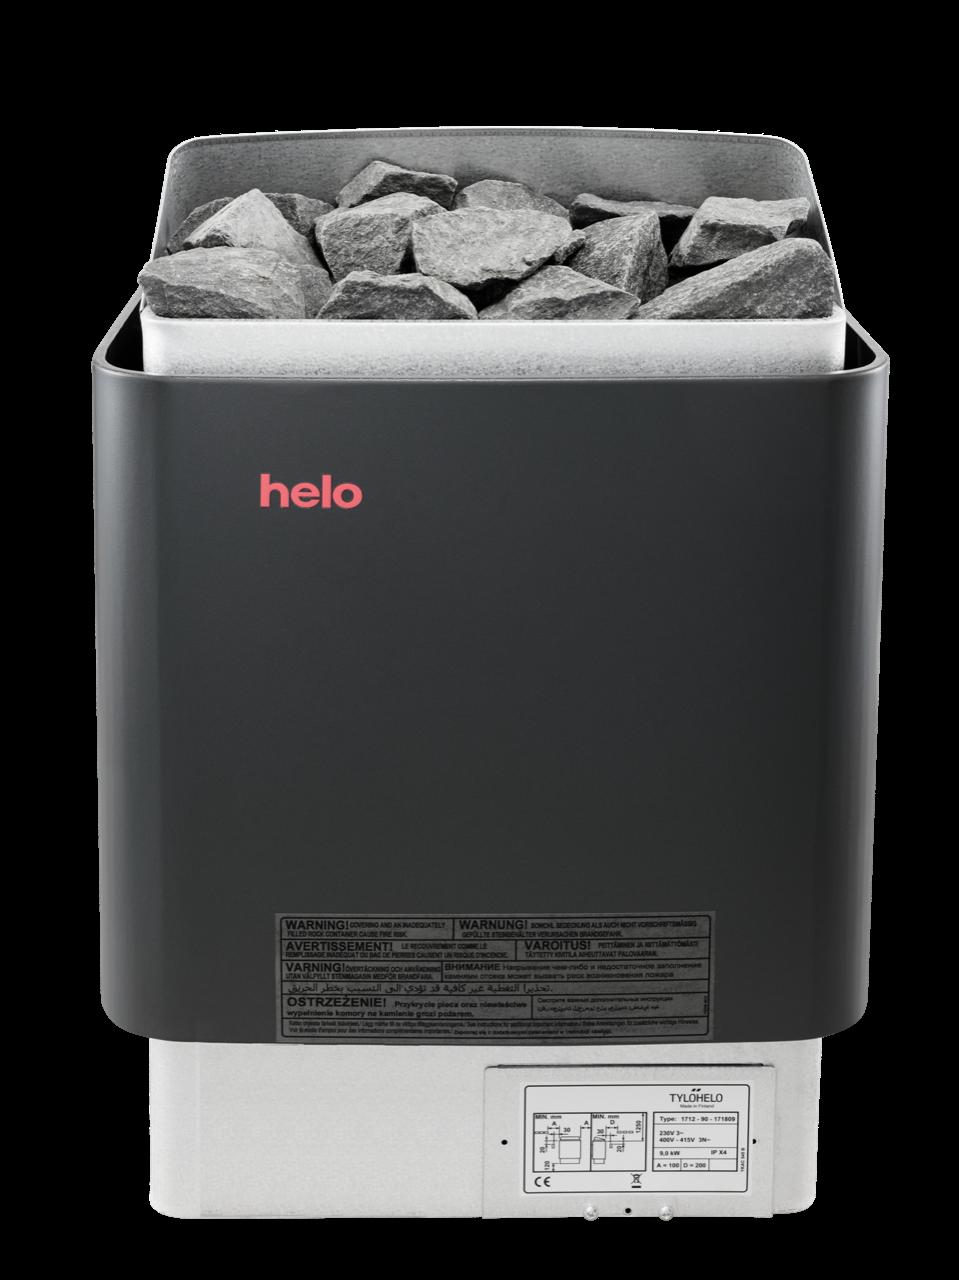 Afbeelding van Helo CUP 60D saunakachel 6 kW (externe besturing)